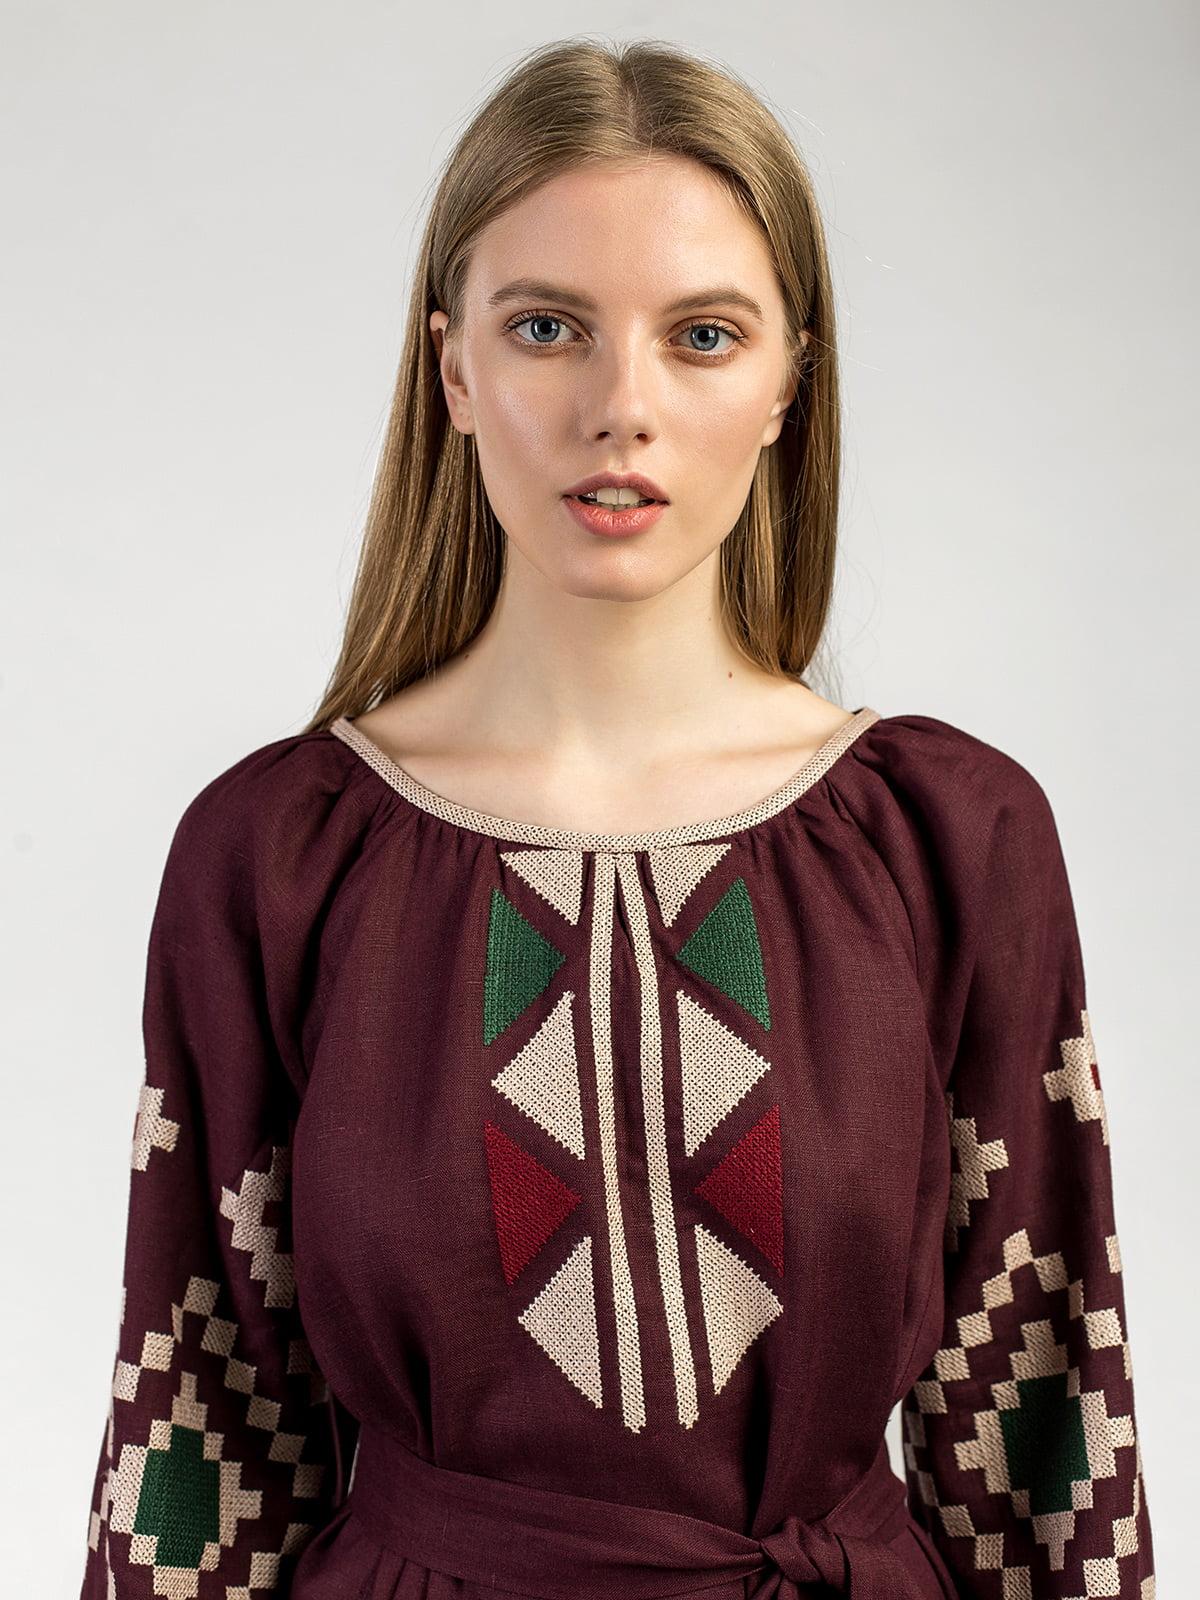 753135f4197f7d Бордовое платье с массивной геометриеской вышивкой ETHNO7 – купить в ...